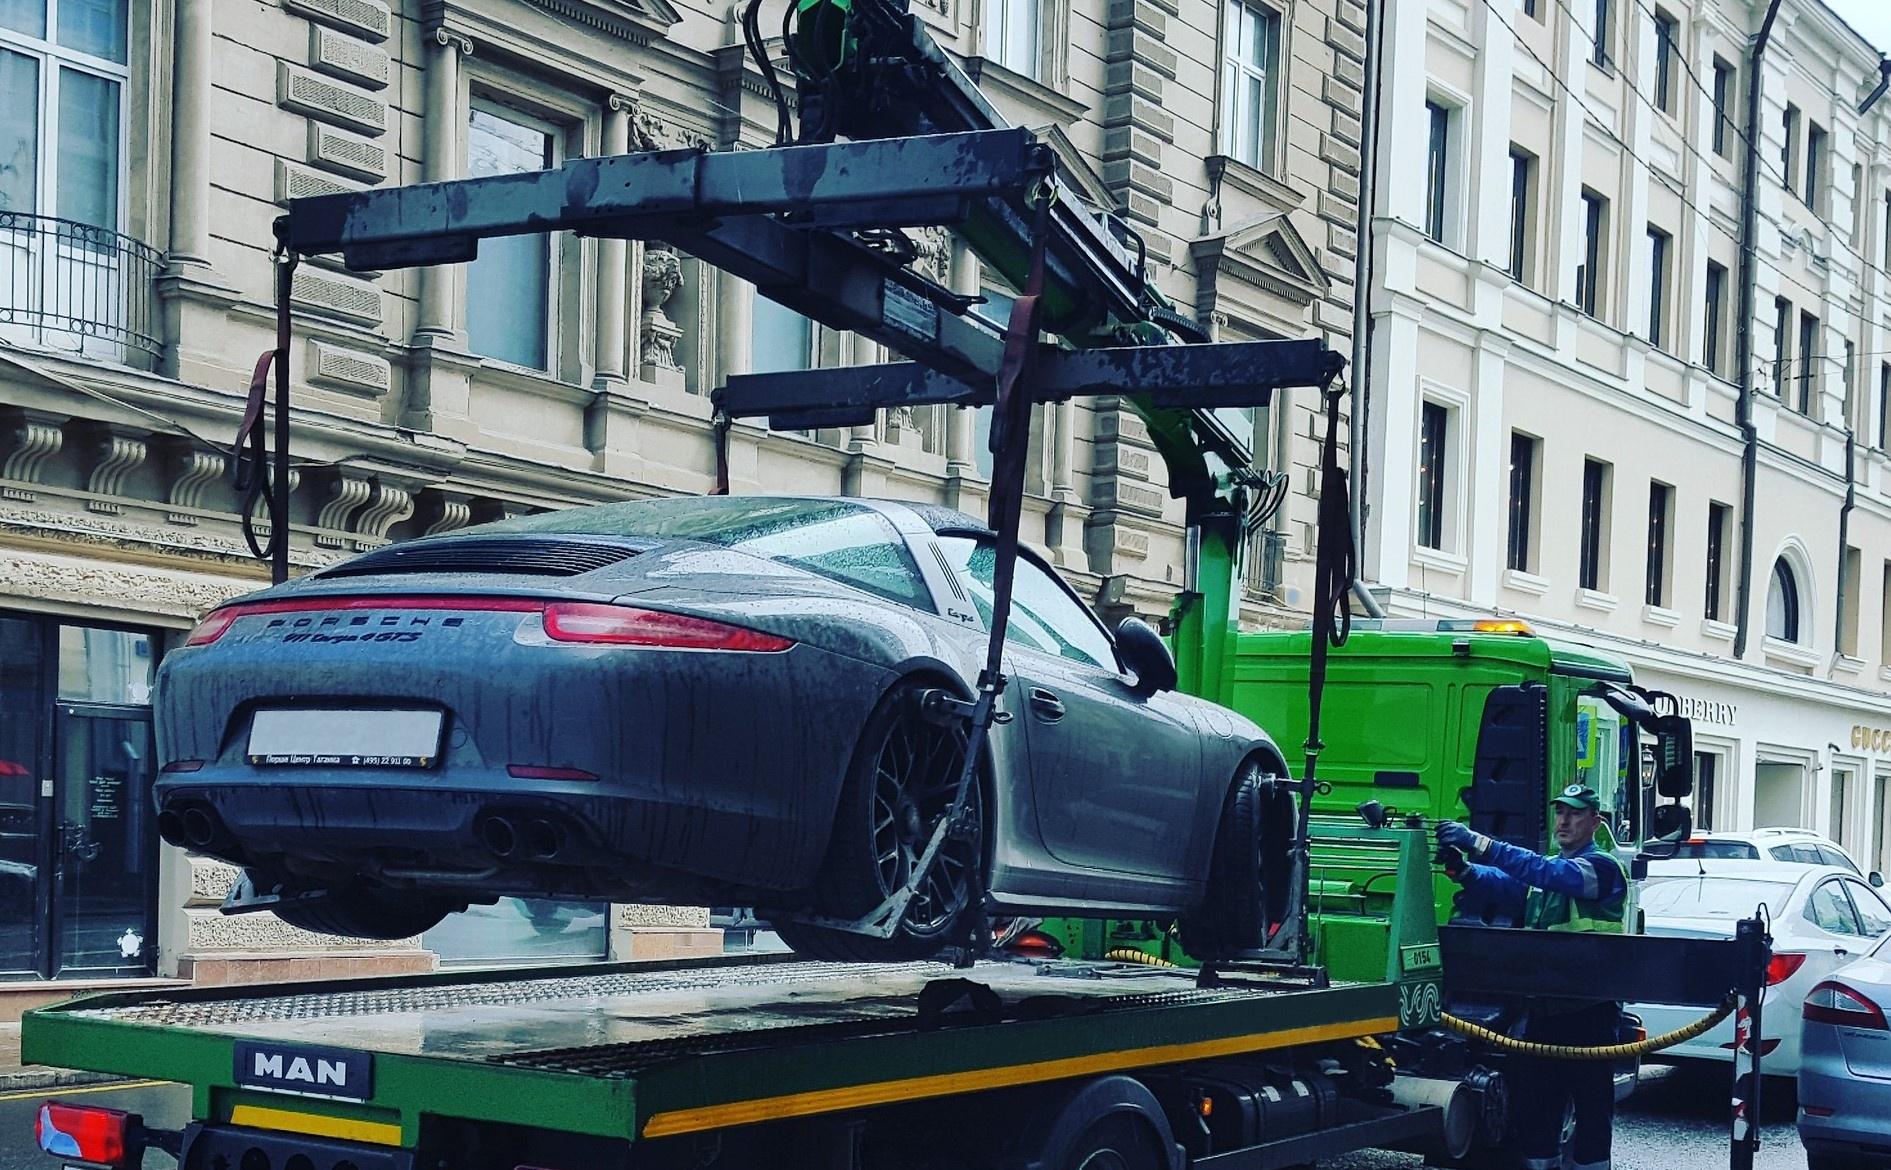 Auf dem Gehweg geparkte Fahrzeuge können abgeschleppt werden